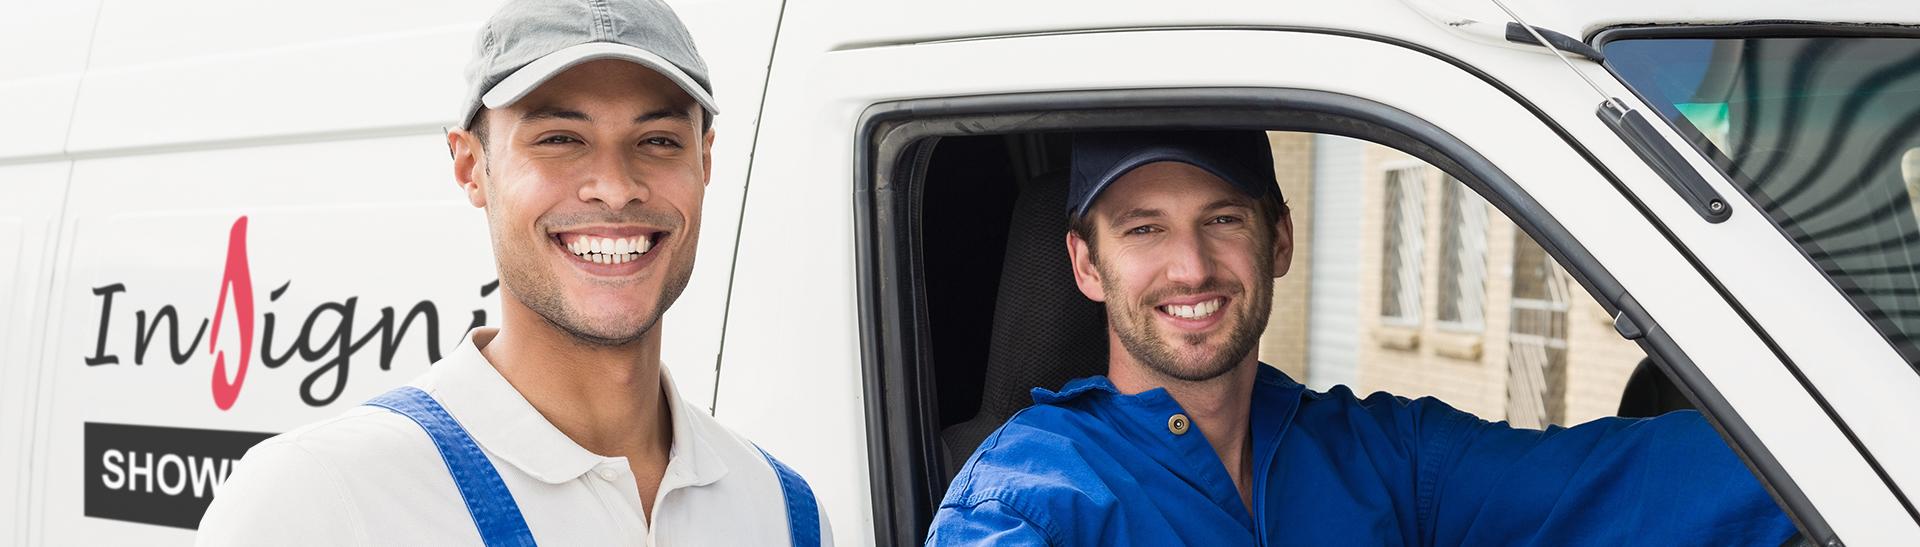 Insignia delivery service